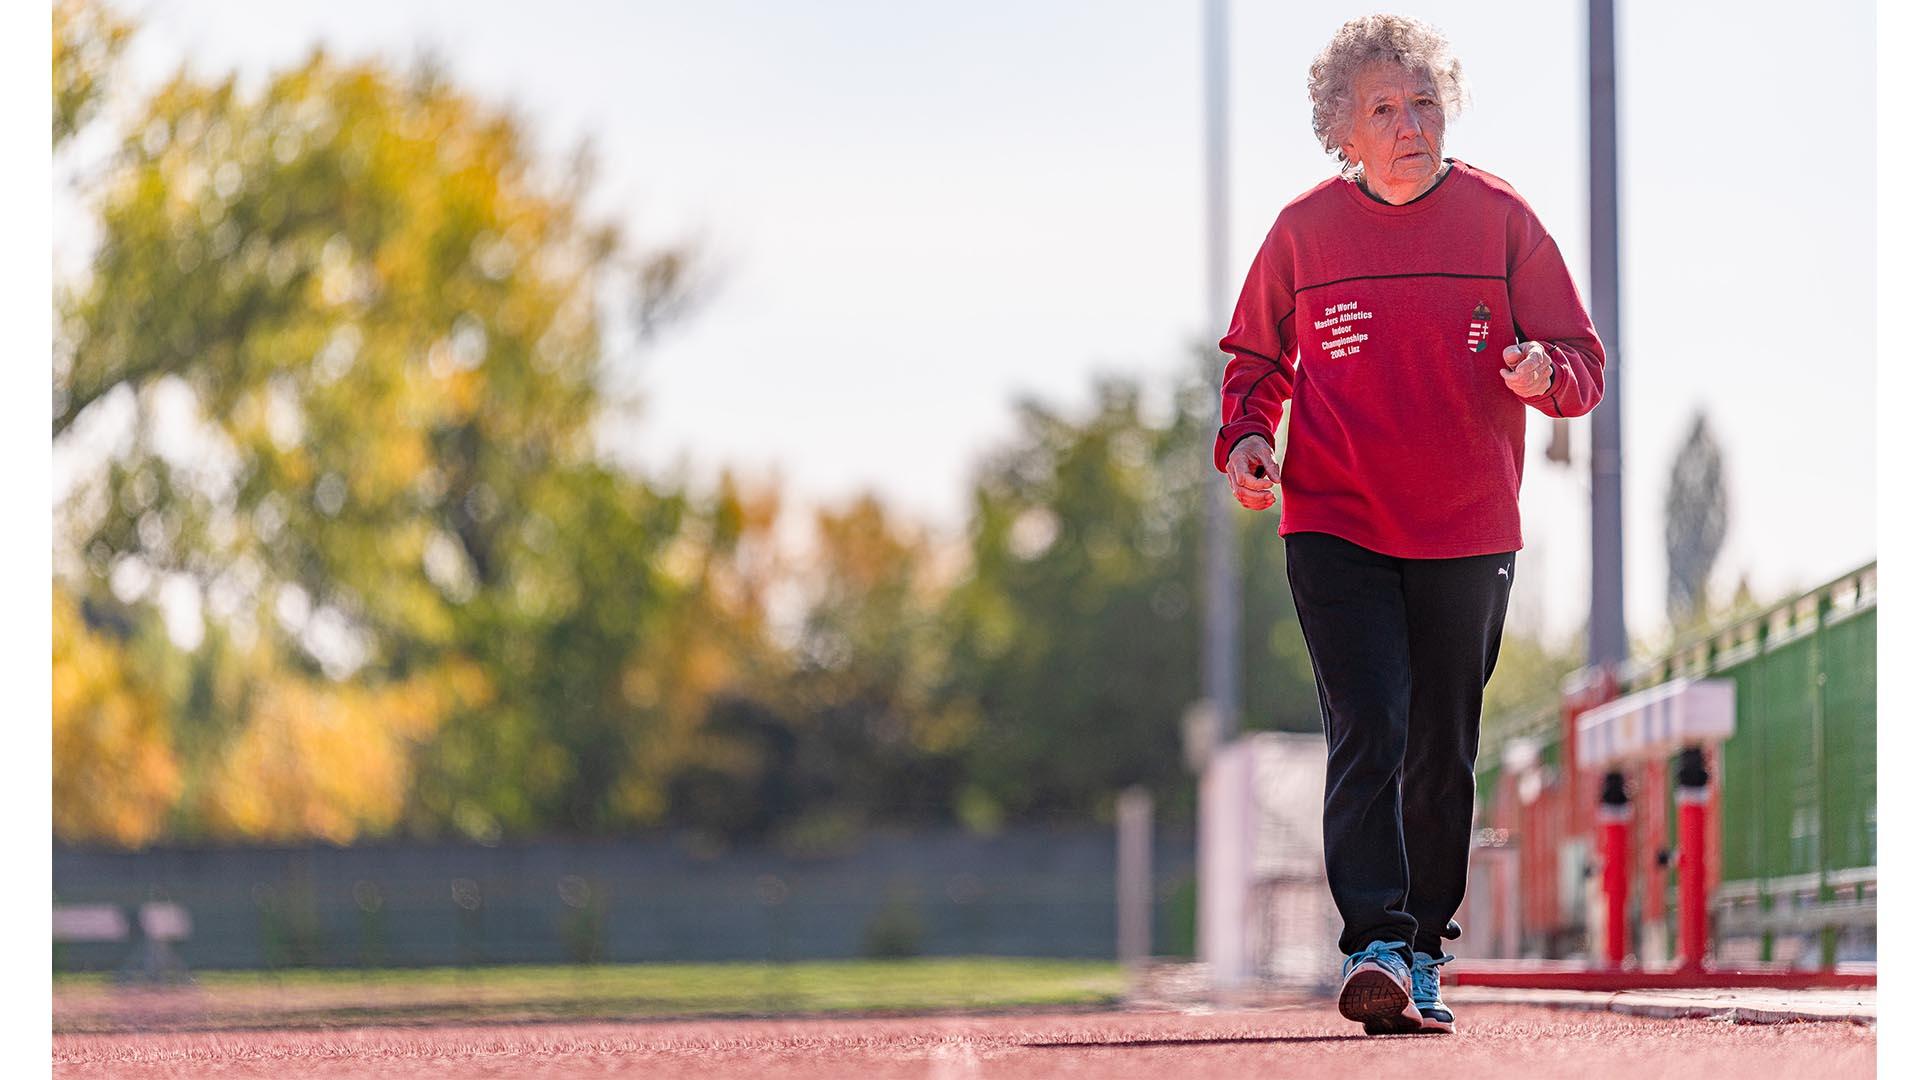 bakács tibor egészséges élet európa-bajnoki érmek futás gimnasztika lábnyújtás lóki tamásné marika néni nagymama pajzsmirigyproblémák sprinter törzsdöntögetés világ-versenyek